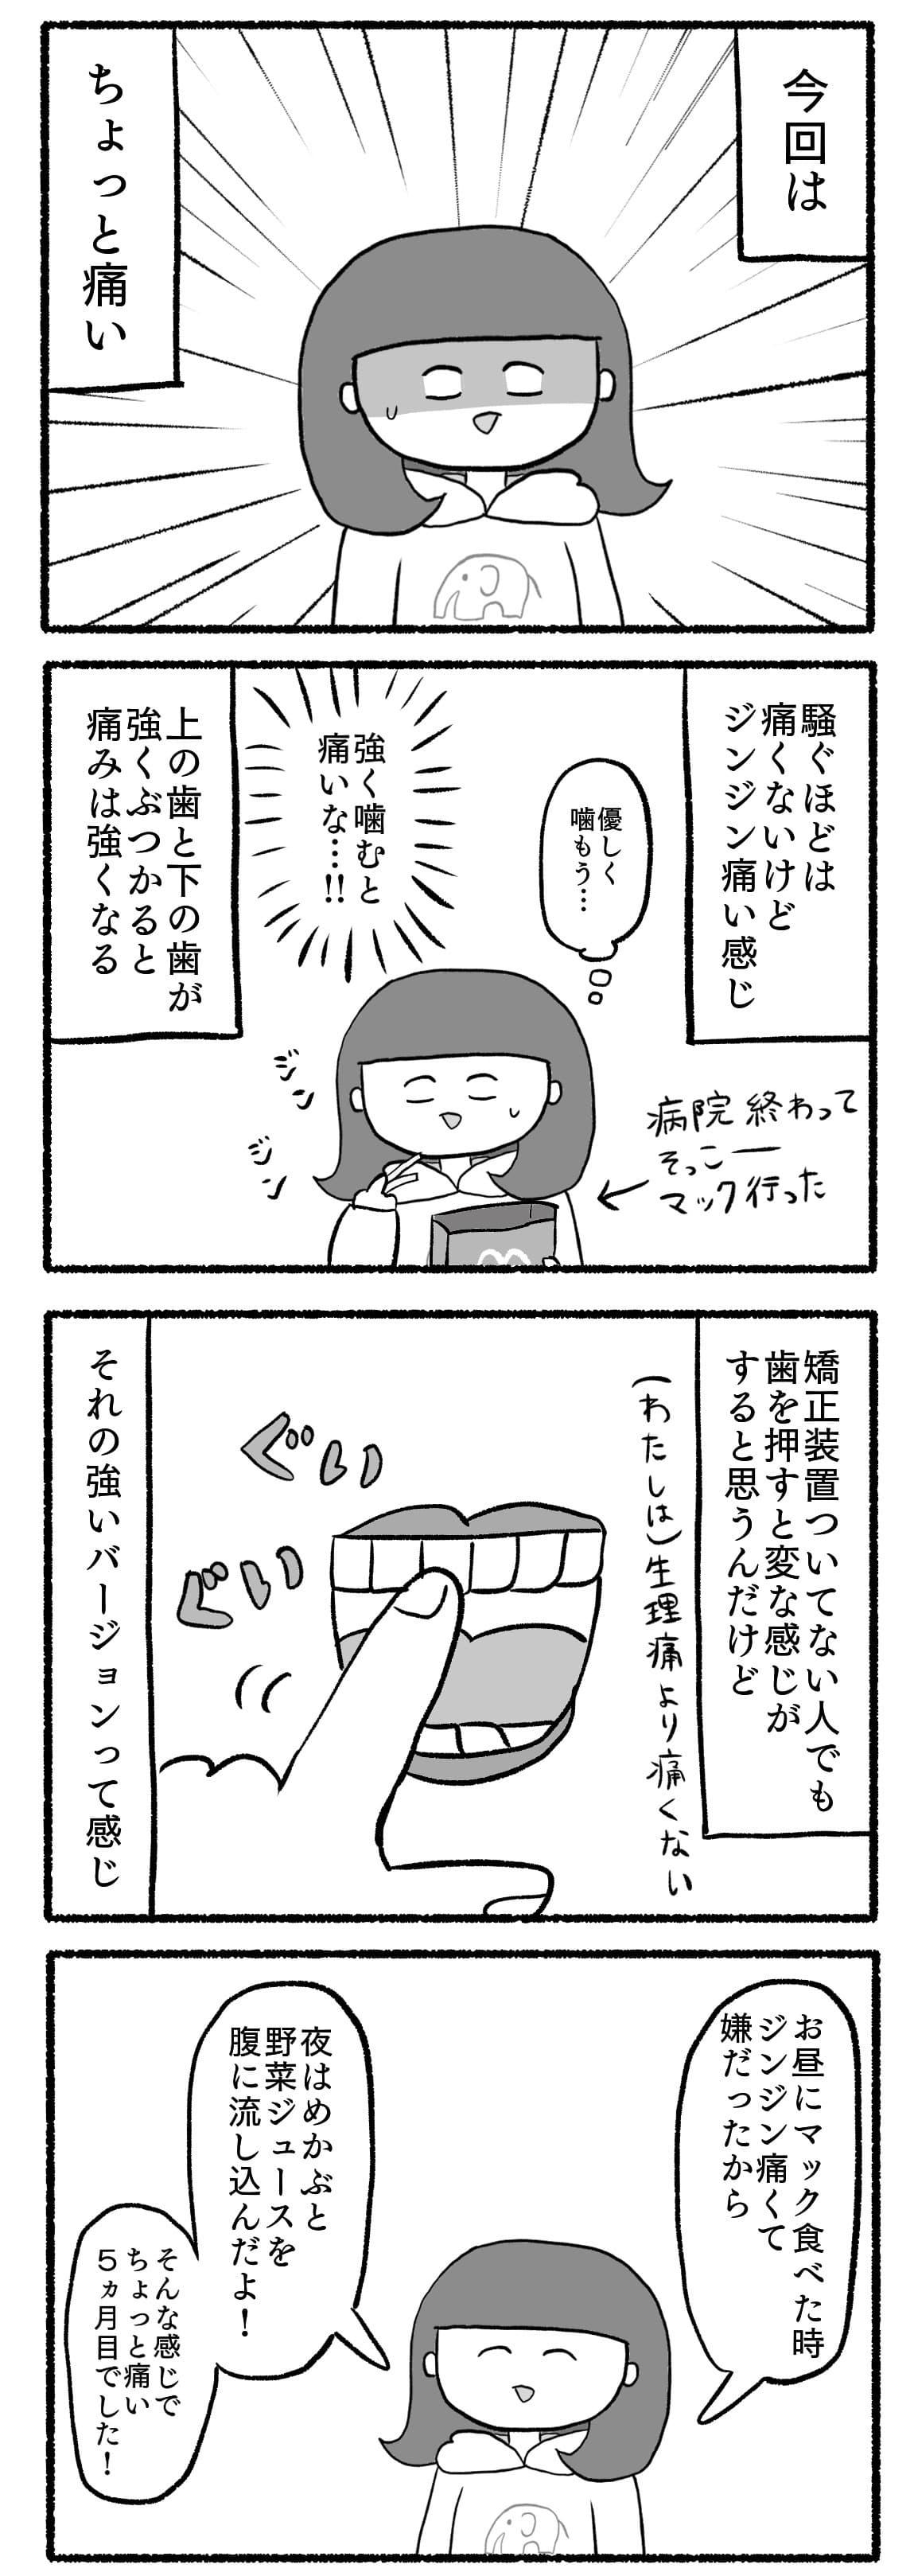 歯列矯正レポ漫画